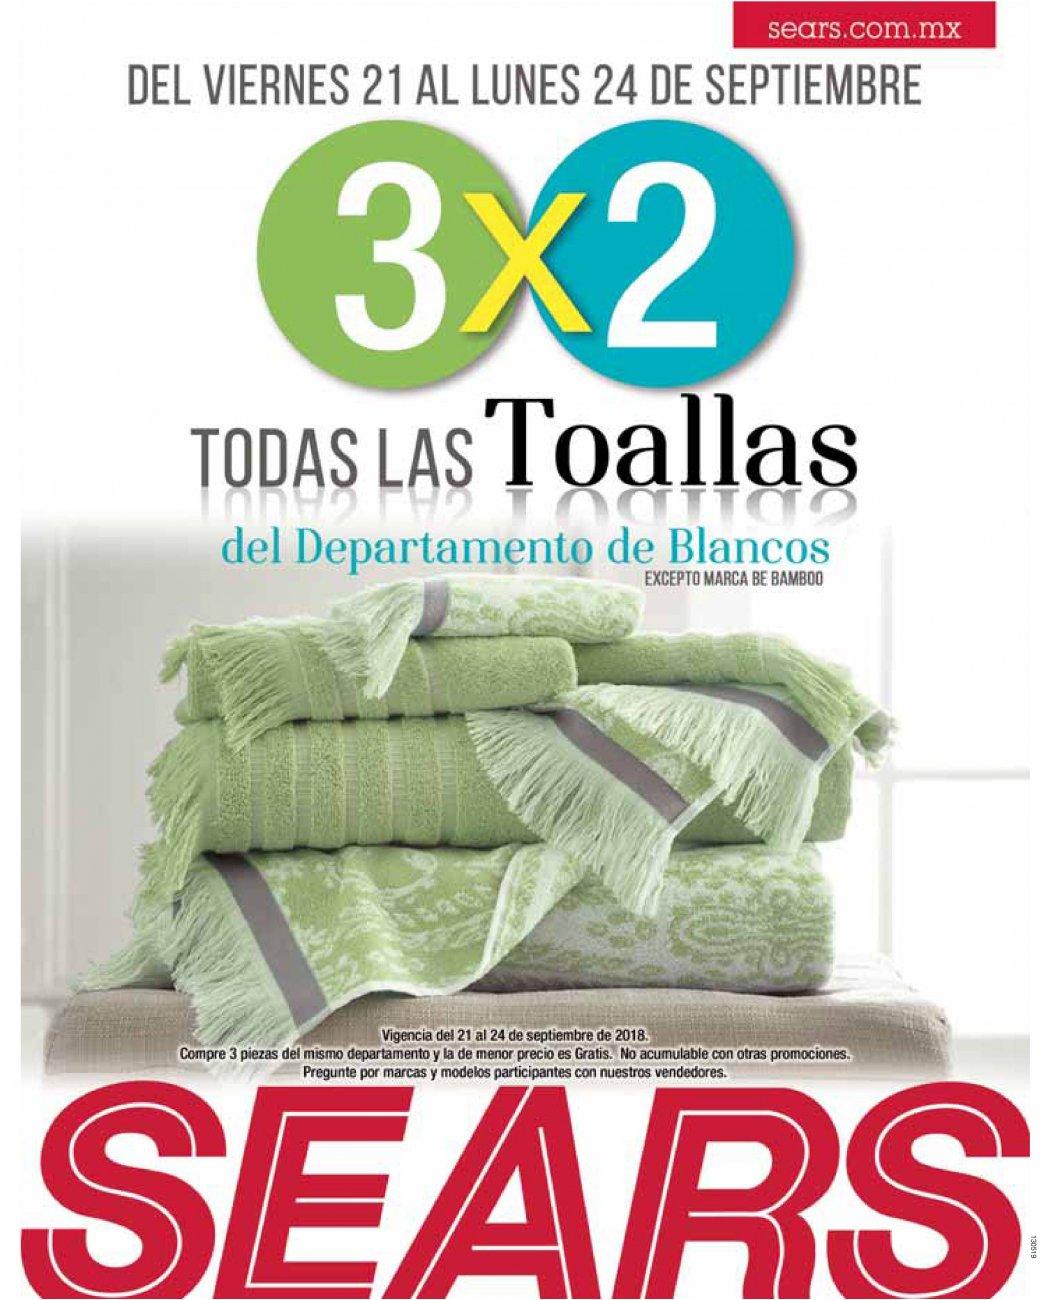 Sears: 3 x 2 en todas las toallas del departamento de blancos